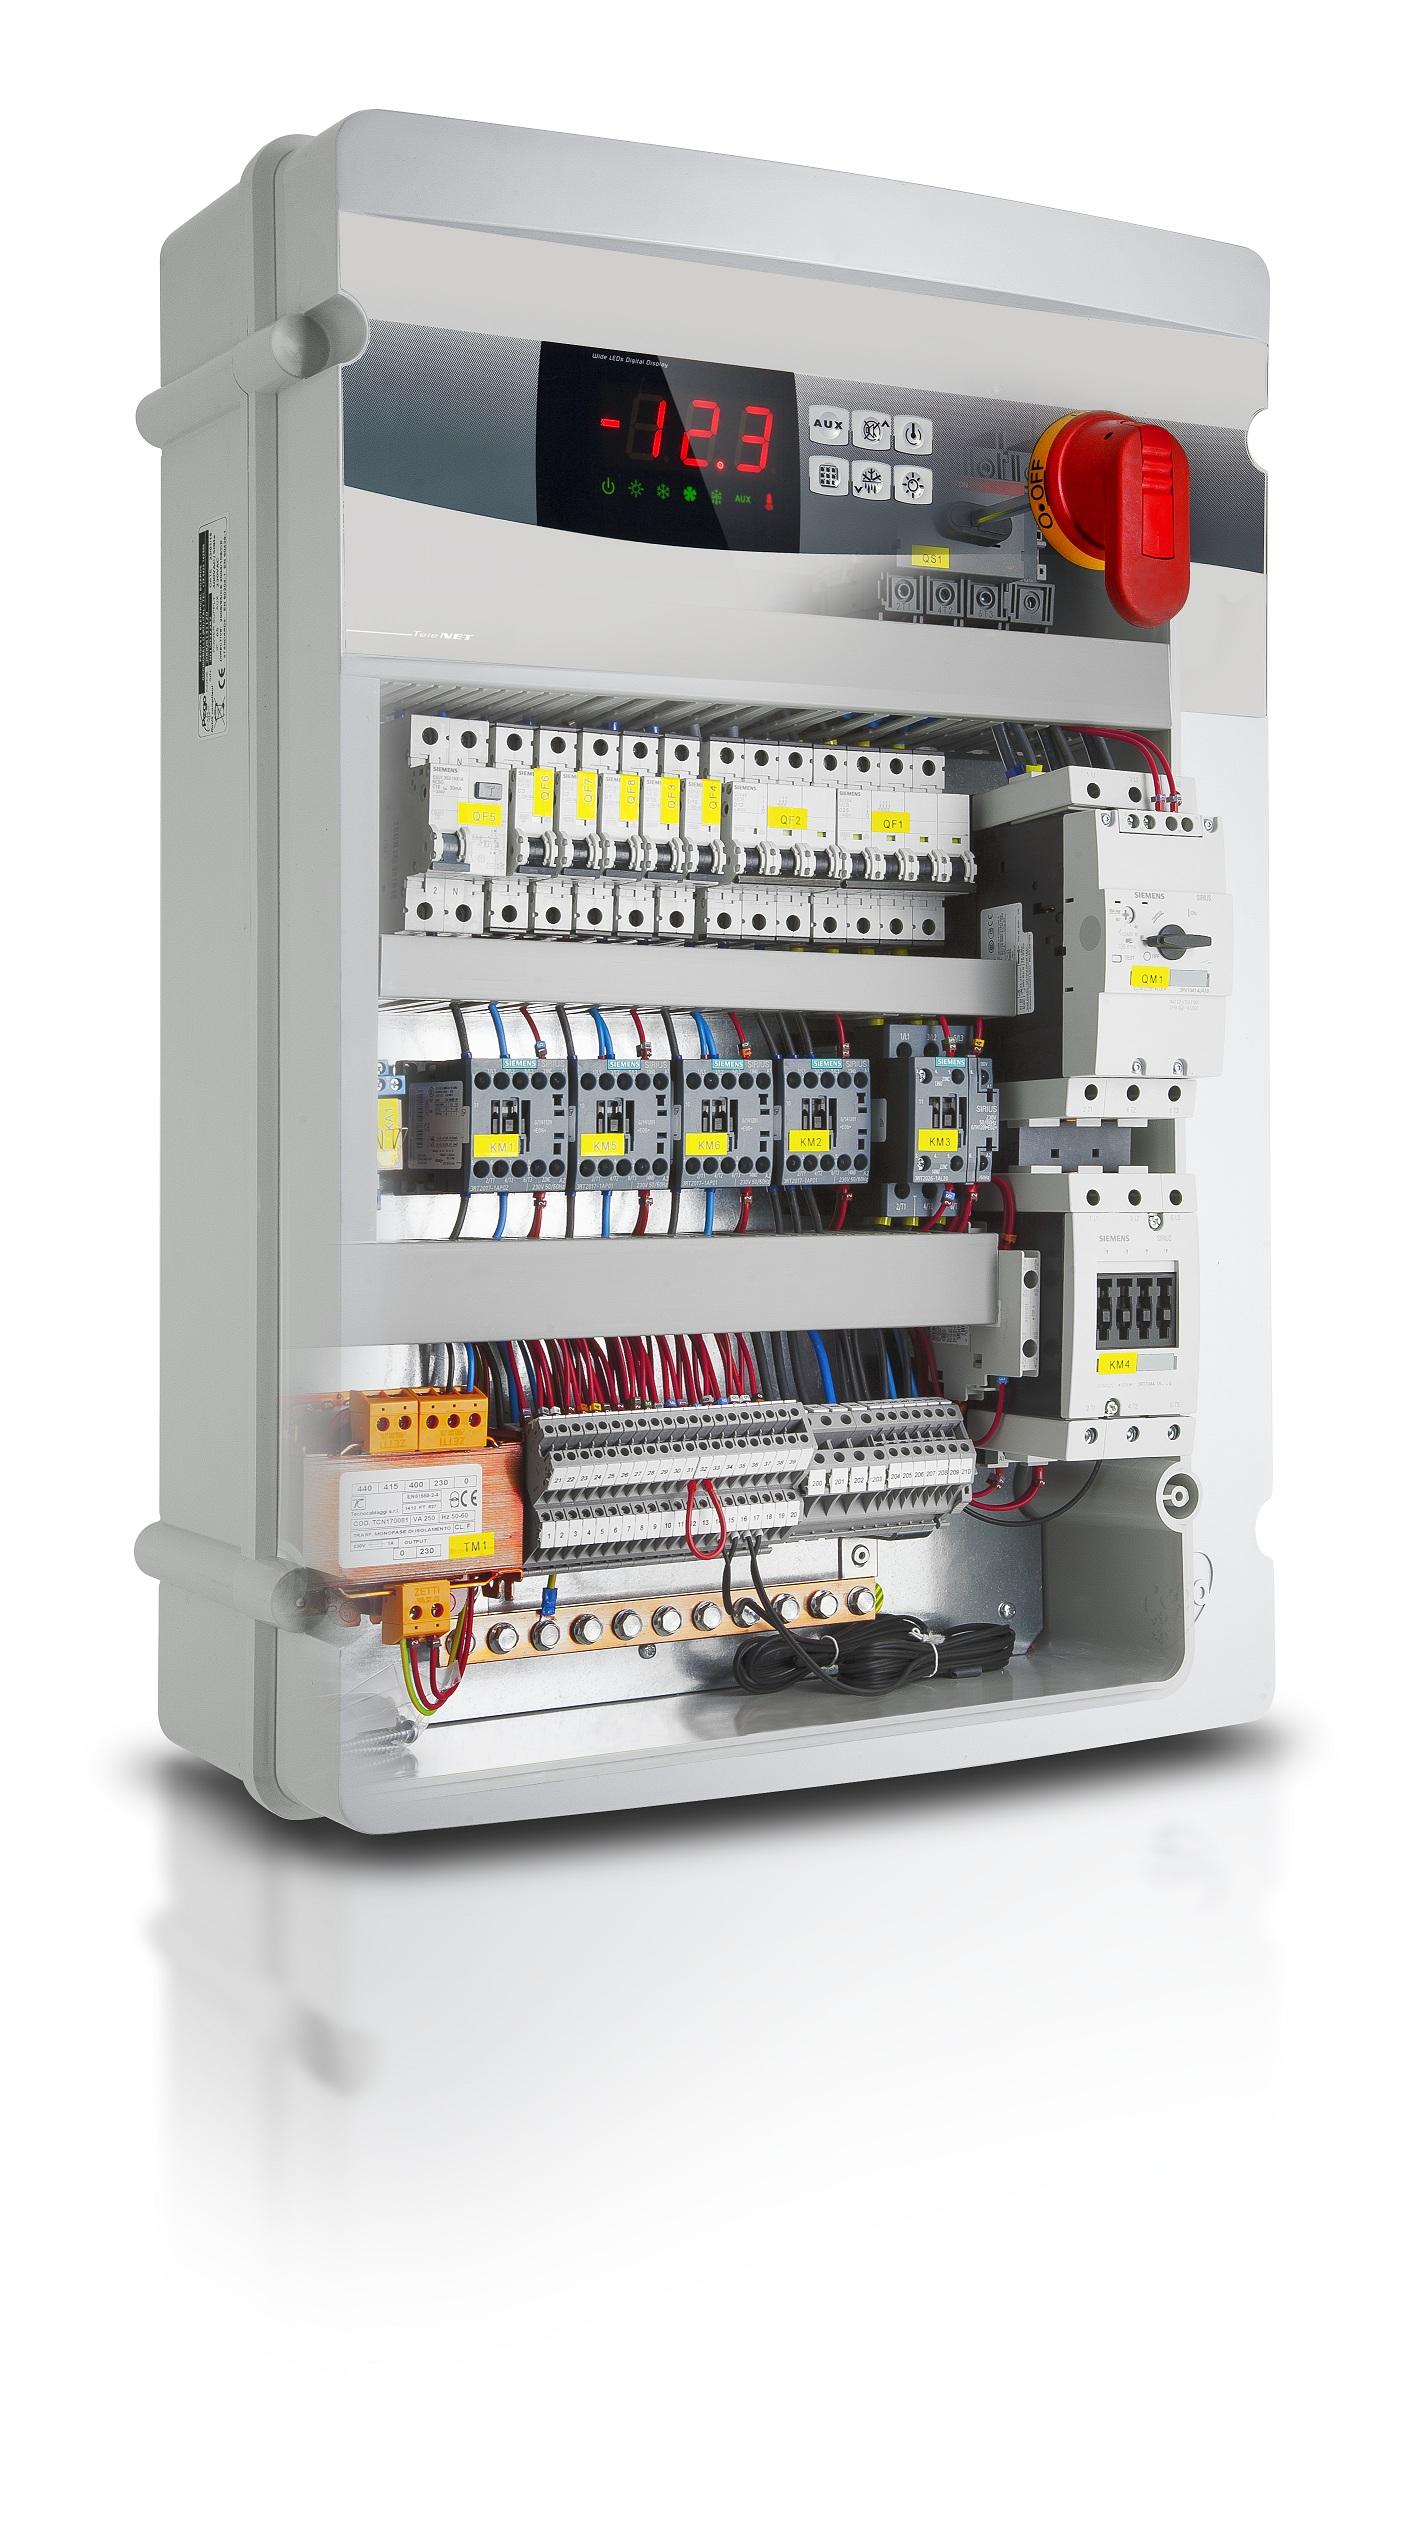 Ecp 1500 2000 2500 Base4 Vde Wiring Diagram